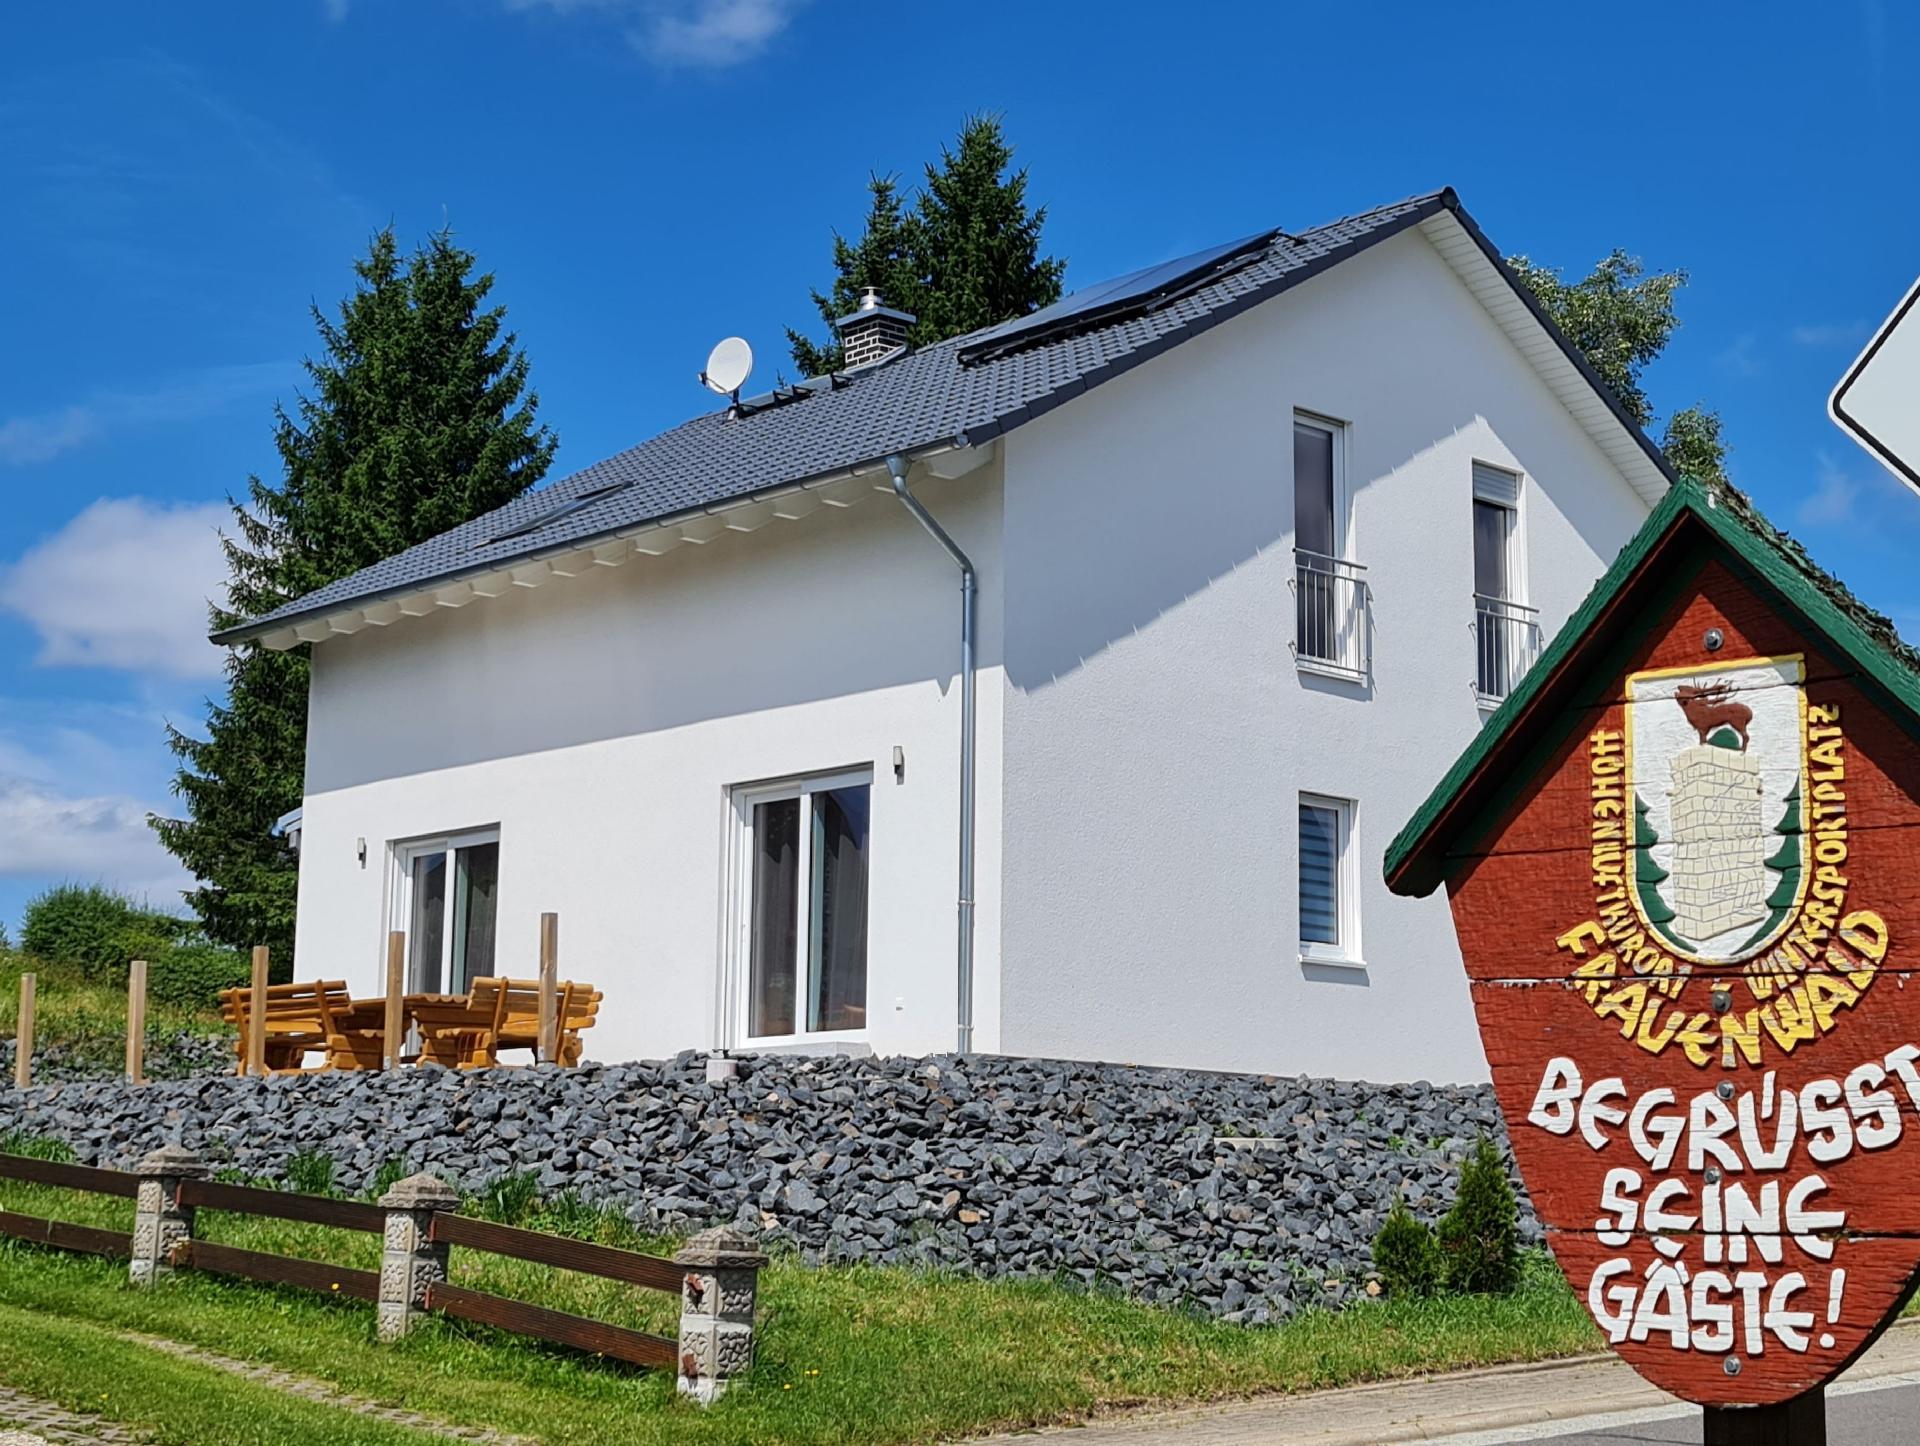 Ferienhaus Victoria - mit Kamin in Frauenwald am R  in Thüringen